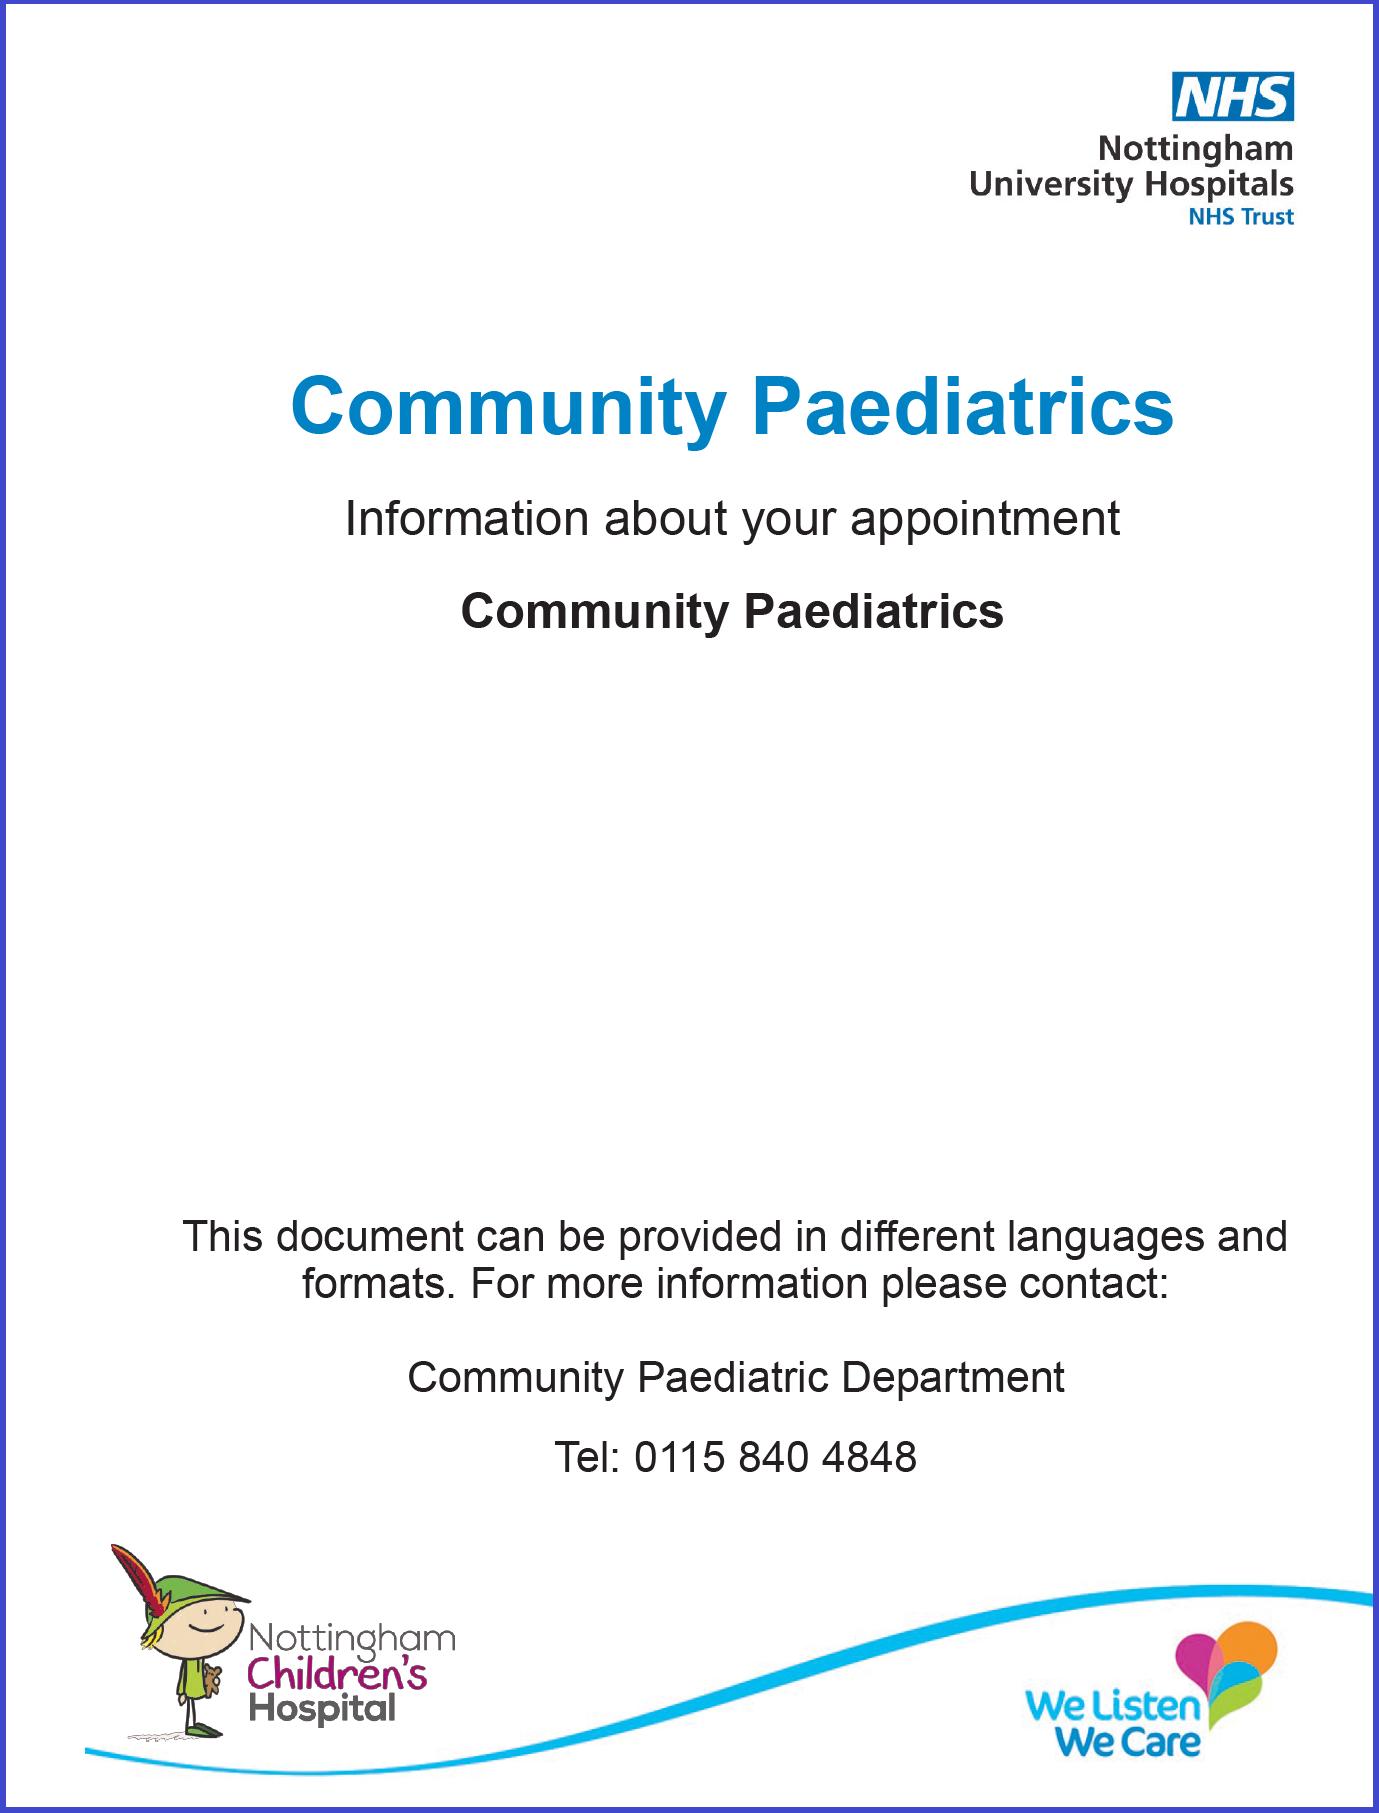 Community Paediatrics Leaflet